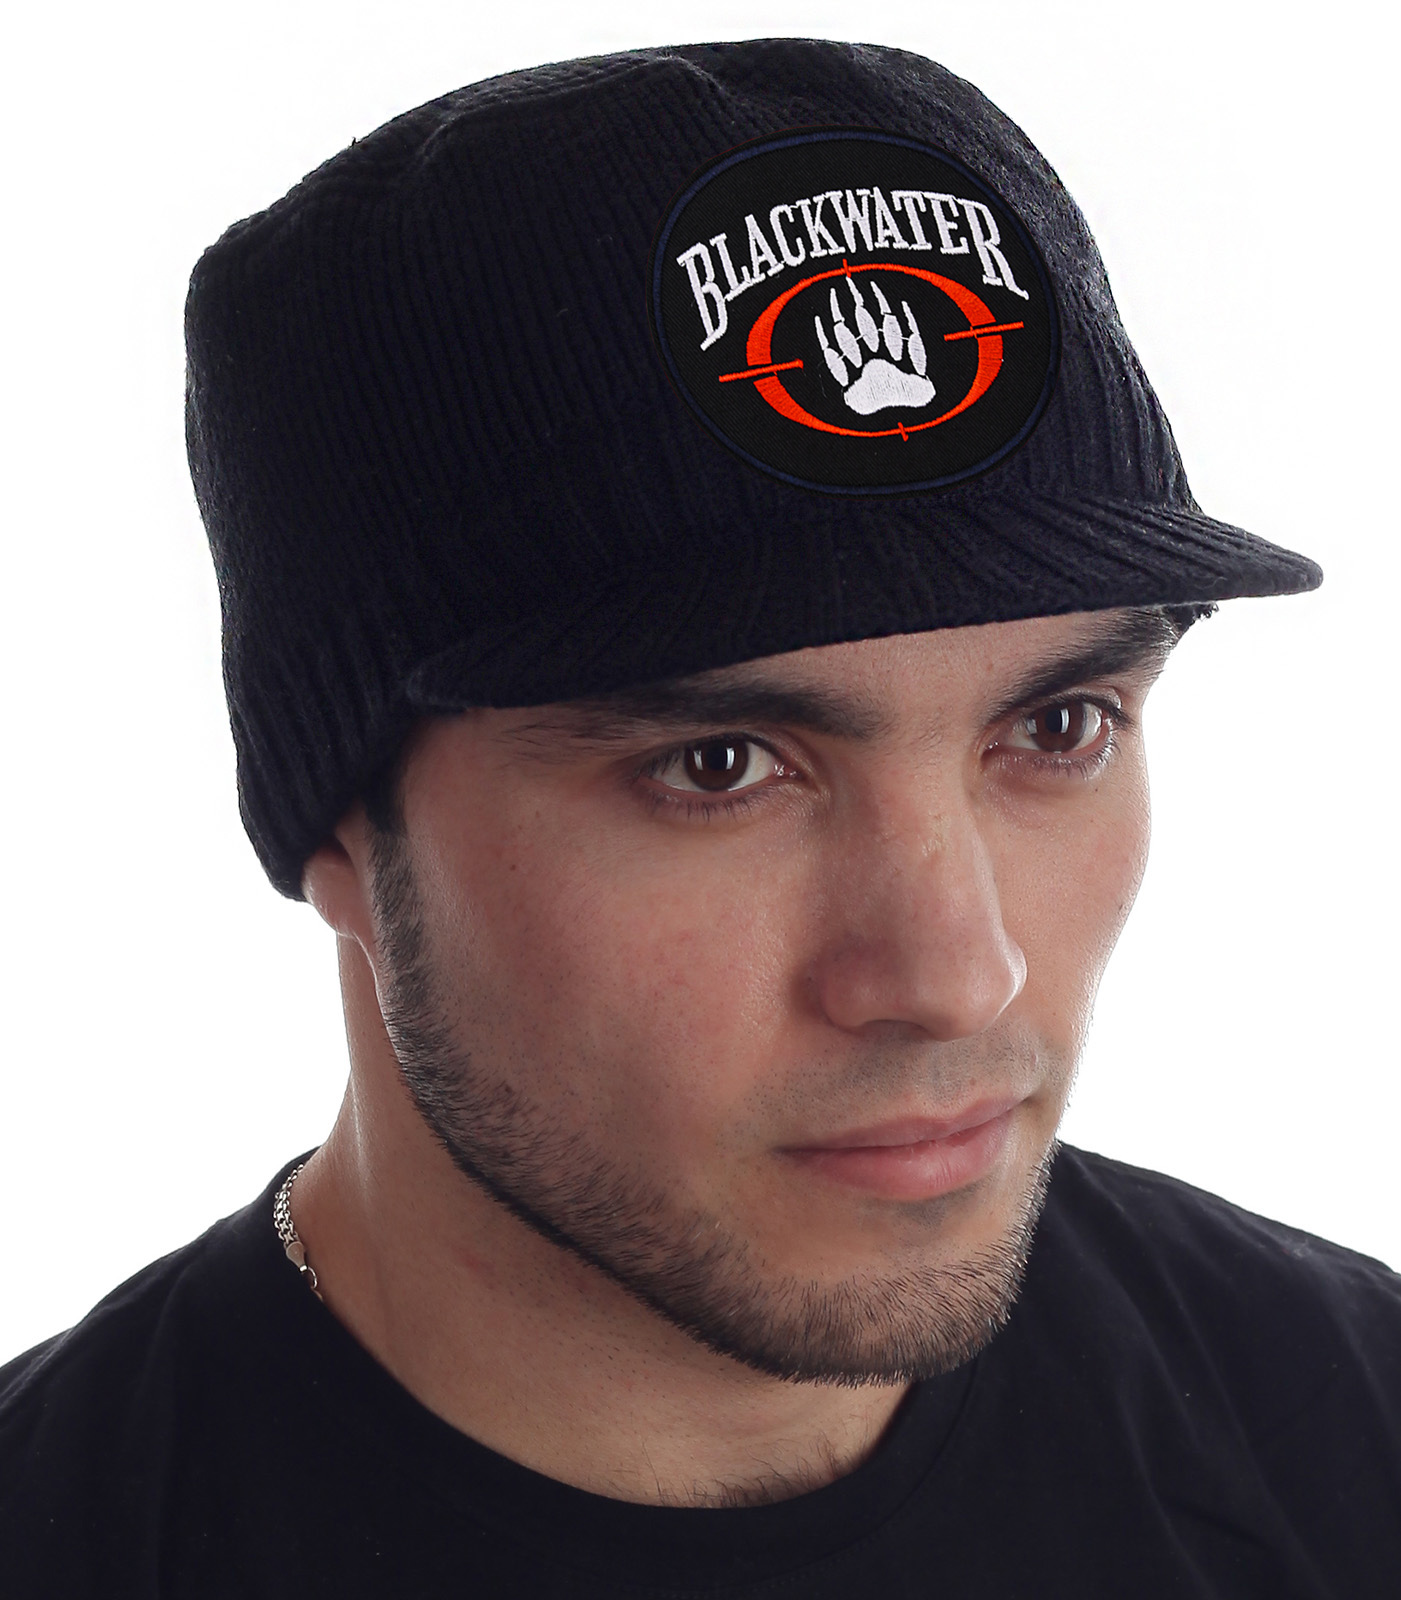 Теплая мужская шапка с символикой Blackwater